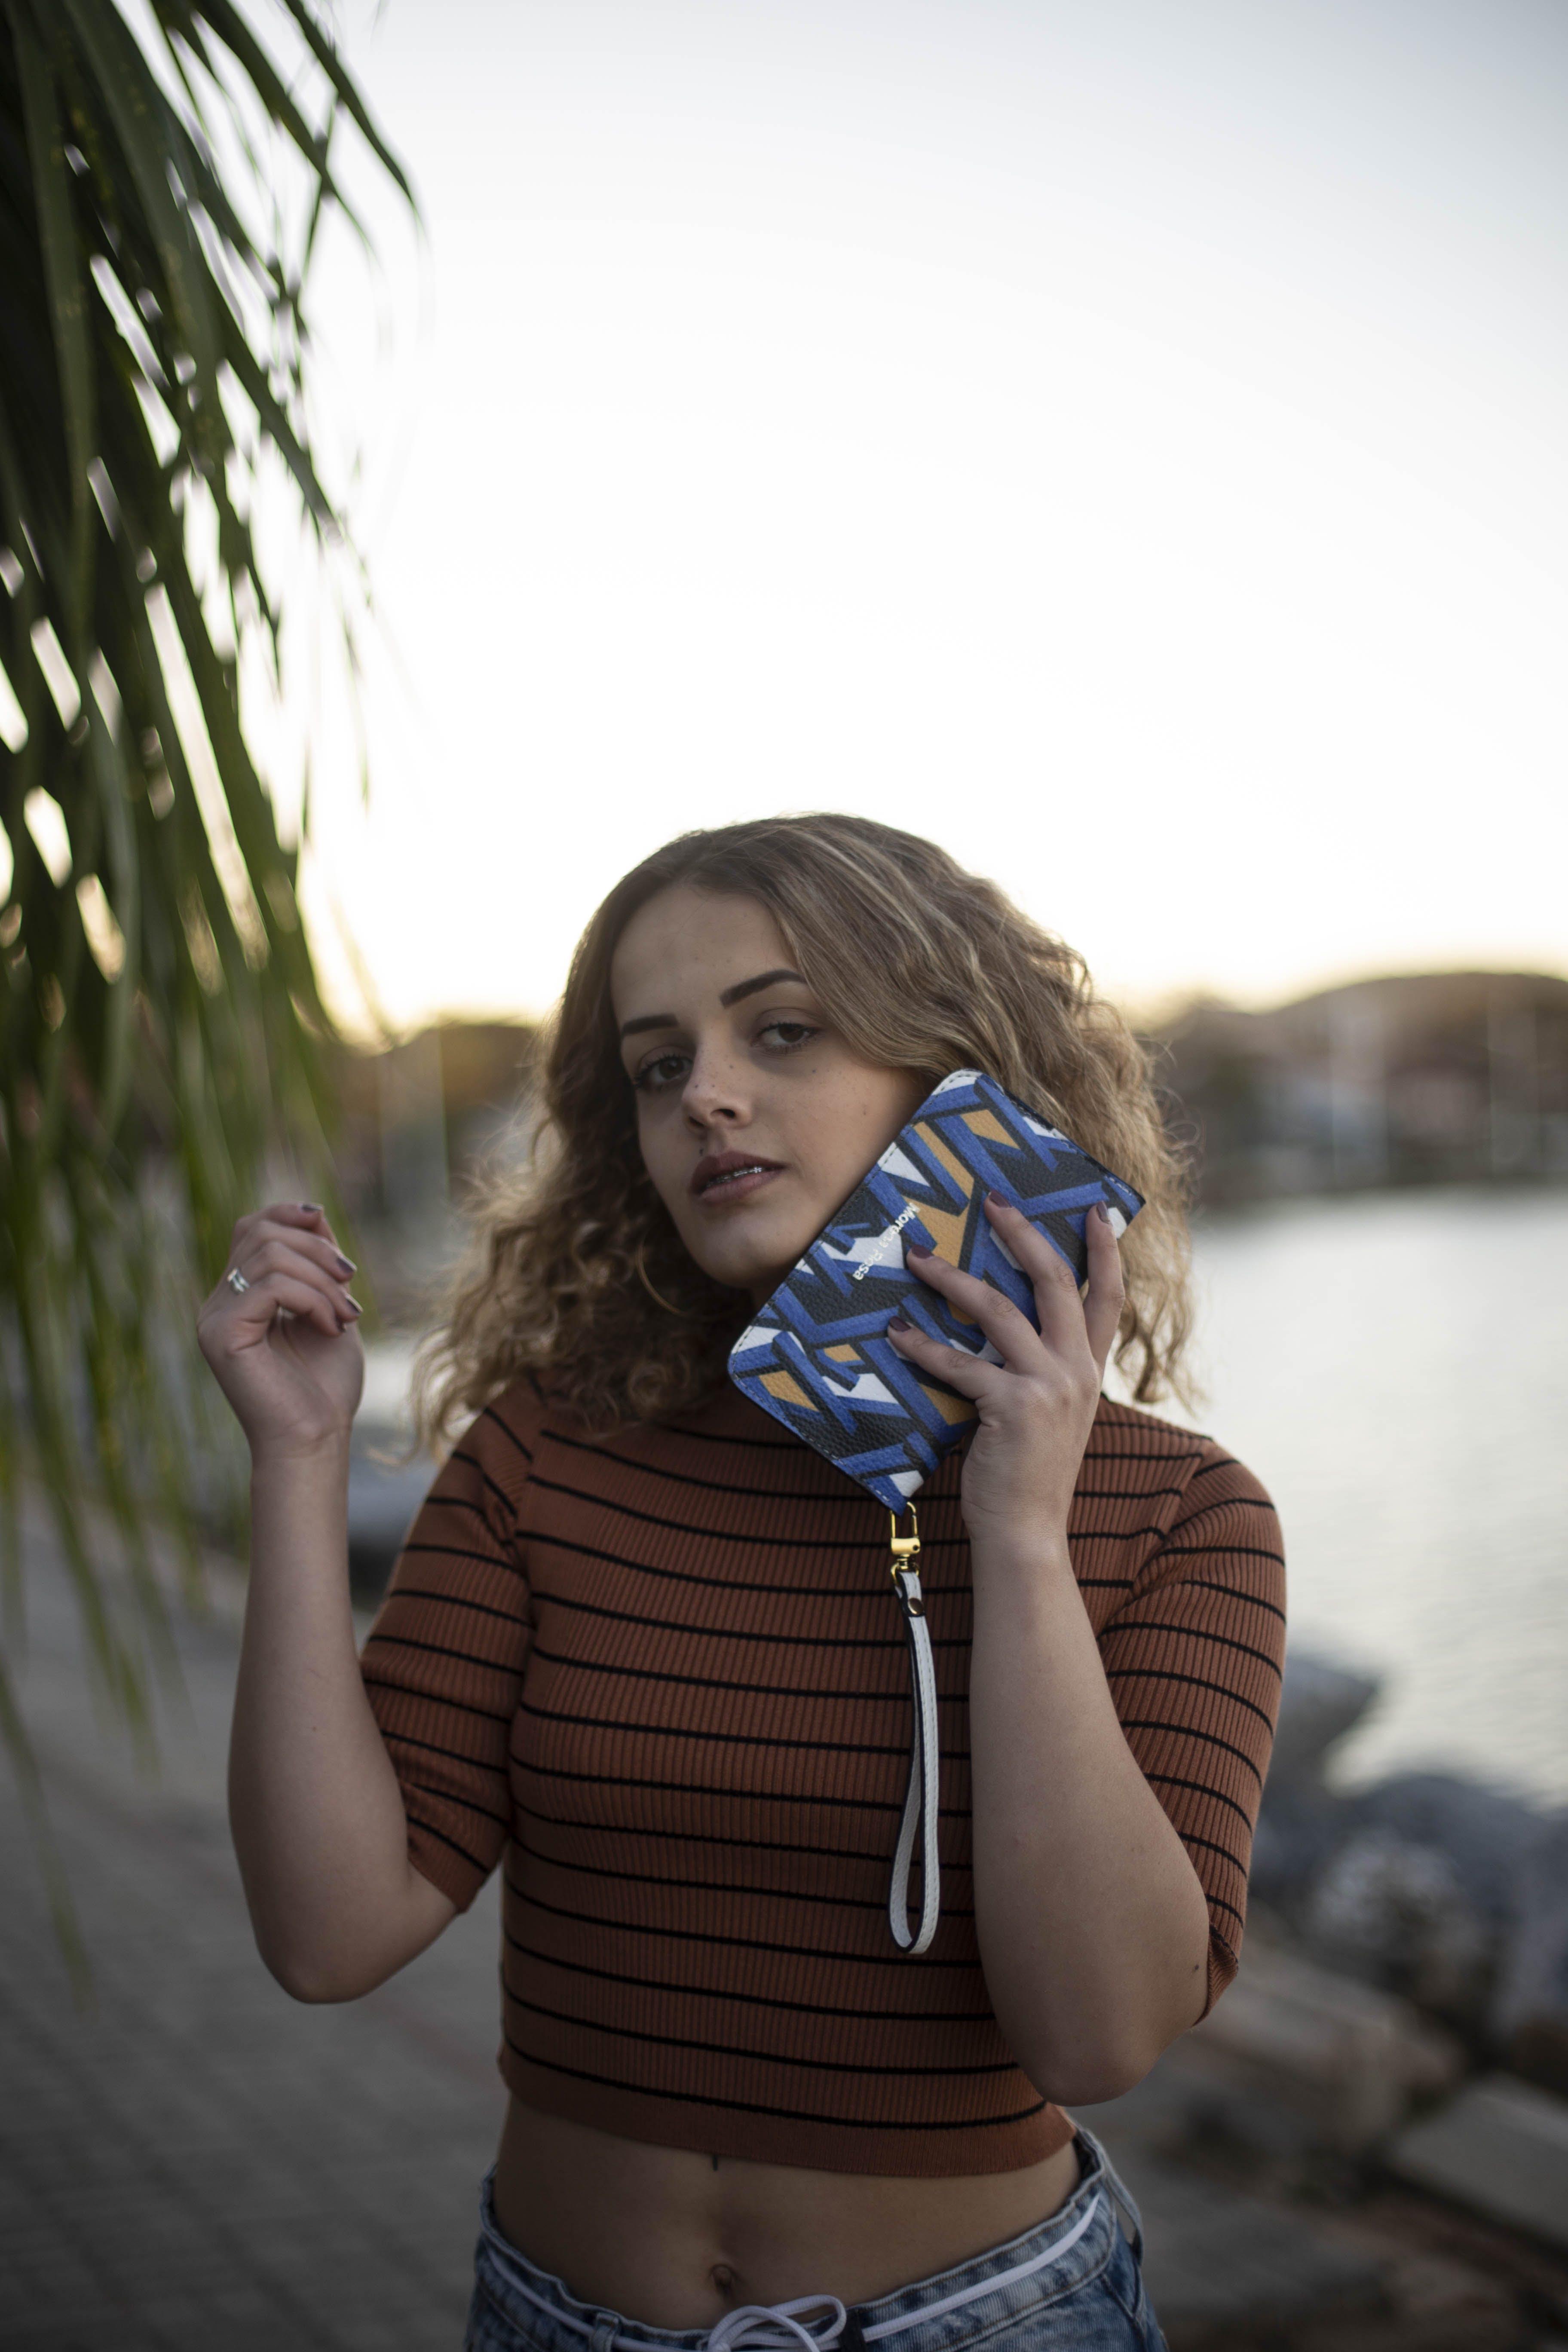 中空裝, 休閒裝, 包包, 咖啡色頭髮的女人 的 免费素材照片